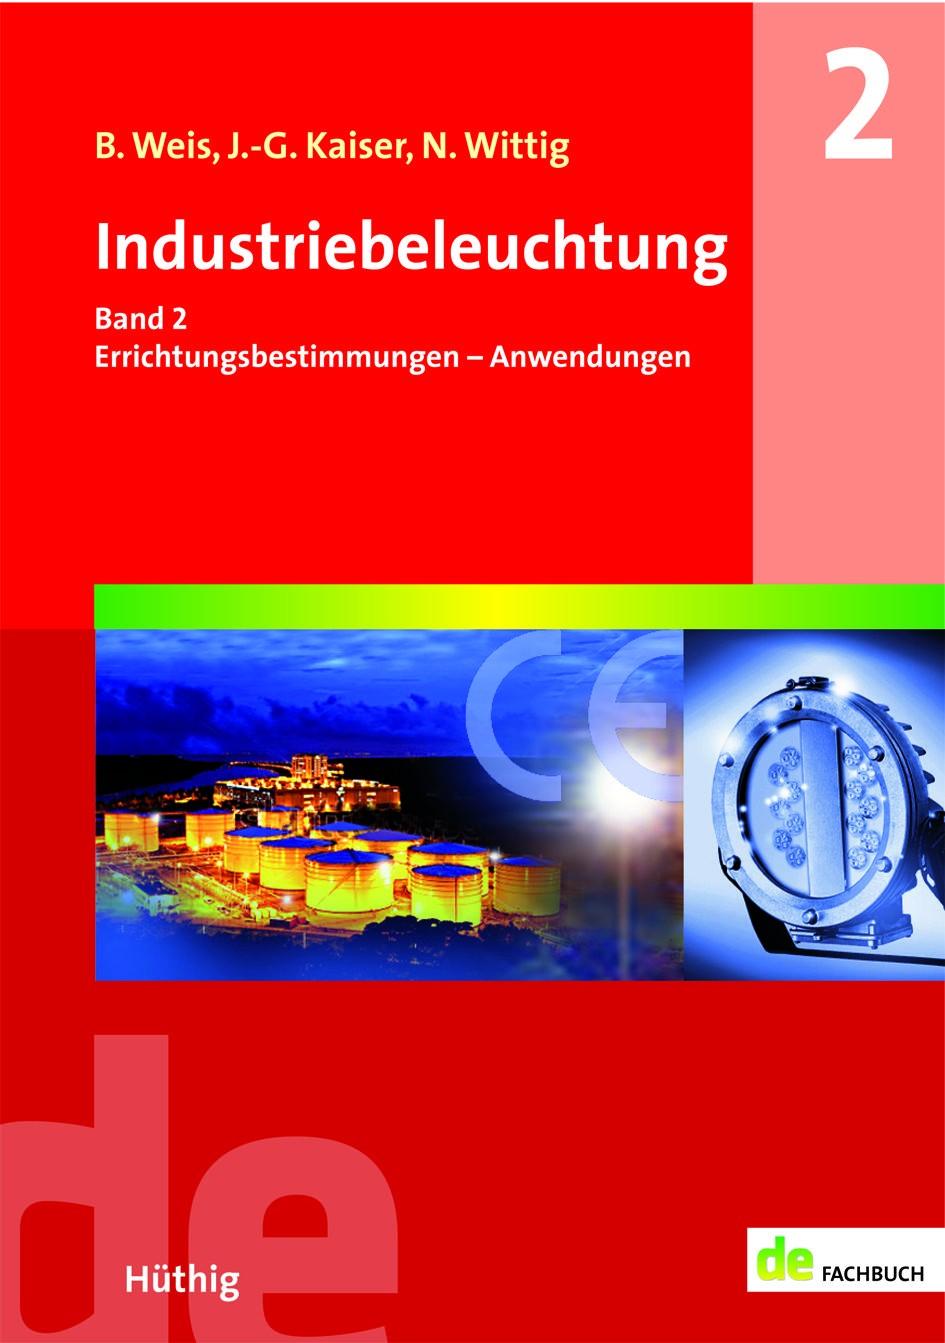 Industriebeleuchtung Band 2